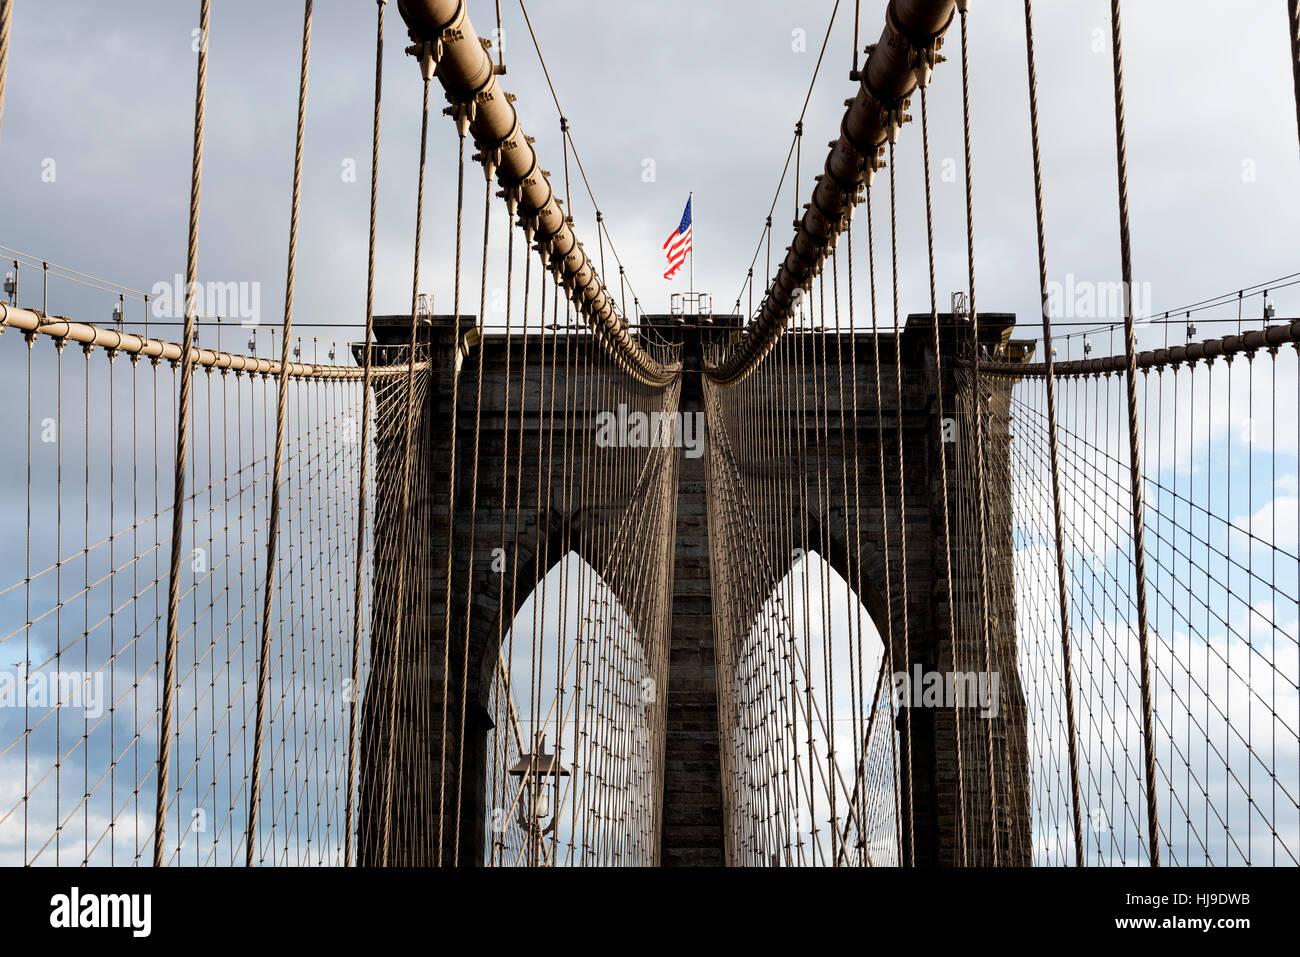 Jusqu'à lors d'un tour du pont de Brooklyn, New York. Les câbles de suspension abondent. Photo Stock